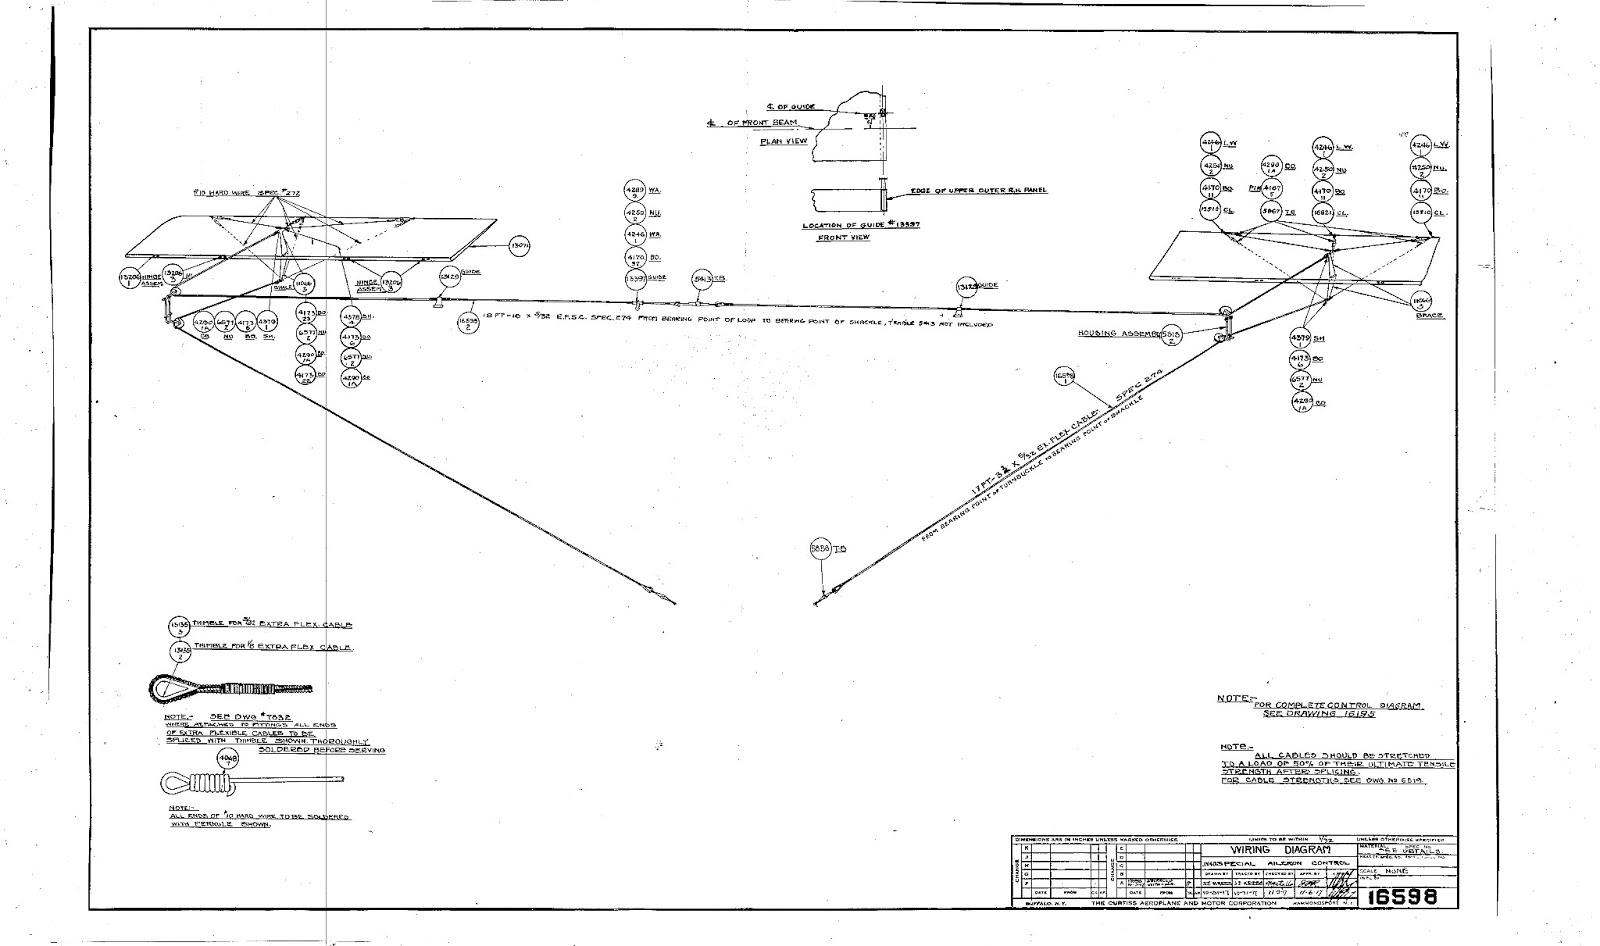 aircraft magneto wiring diagram aircraft image wiring diagram aircraft magneto wiring image on aircraft magneto wiring [ 1600 x 946 Pixel ]